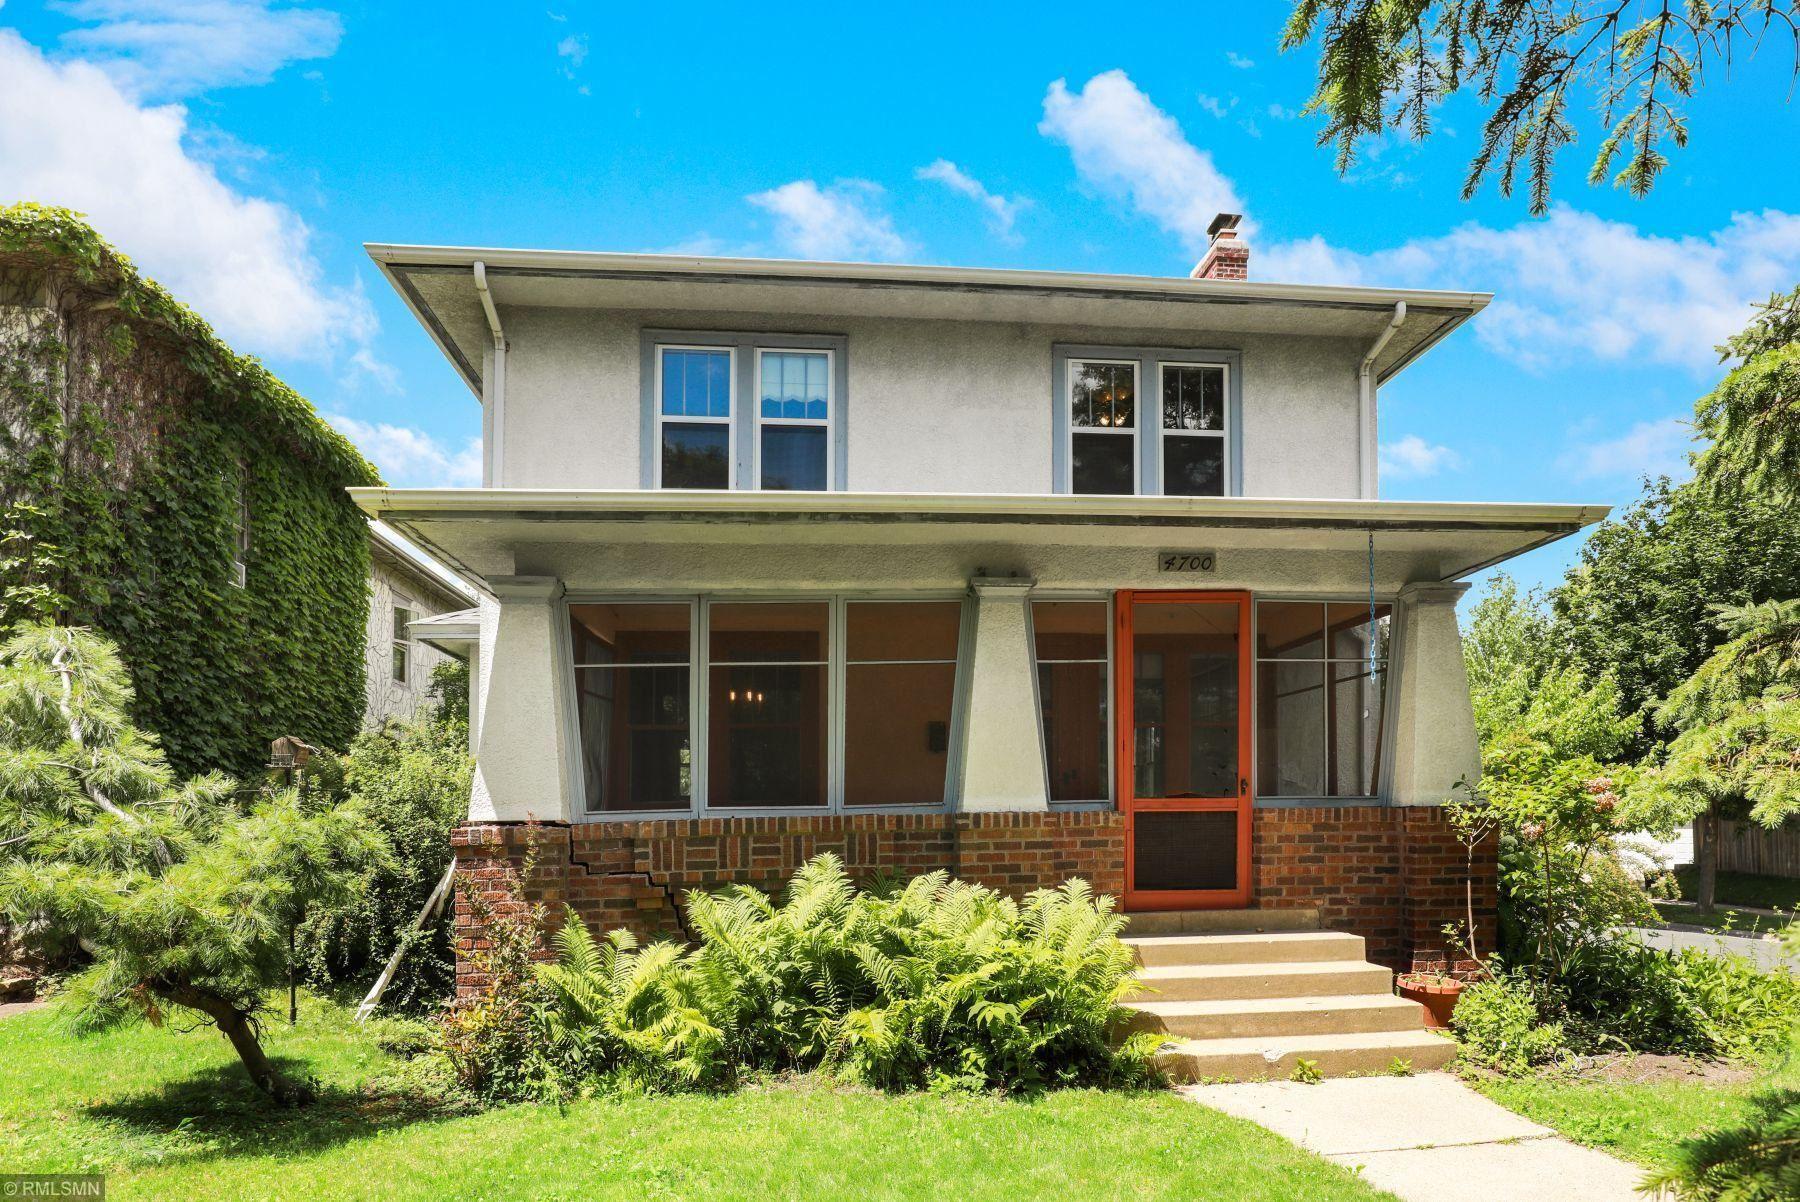 4700 Blaisdell Avenue, Minneapolis, MN 55419 - MLS#: 5609863